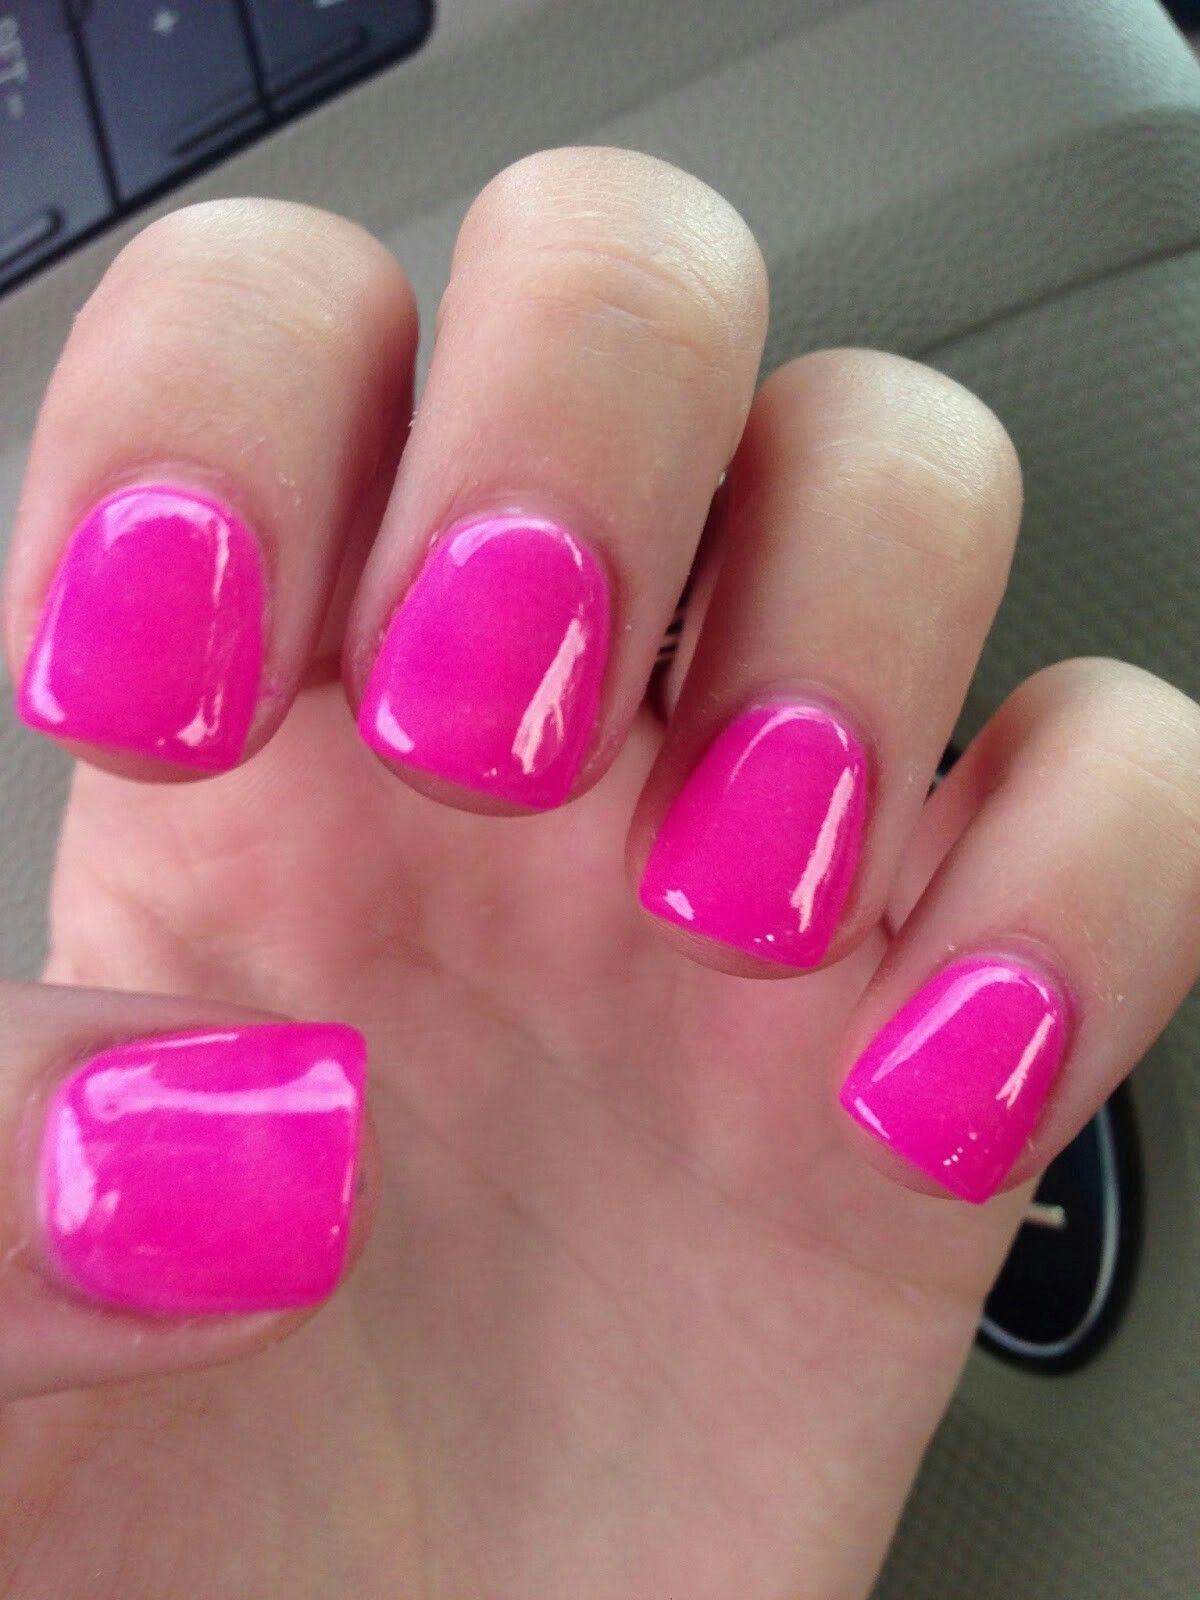 Hot Pink Short Acrylic Nails Cruiseroyalcarribean Dipped Nails Short Acrylic Nails Dip Gel Nails